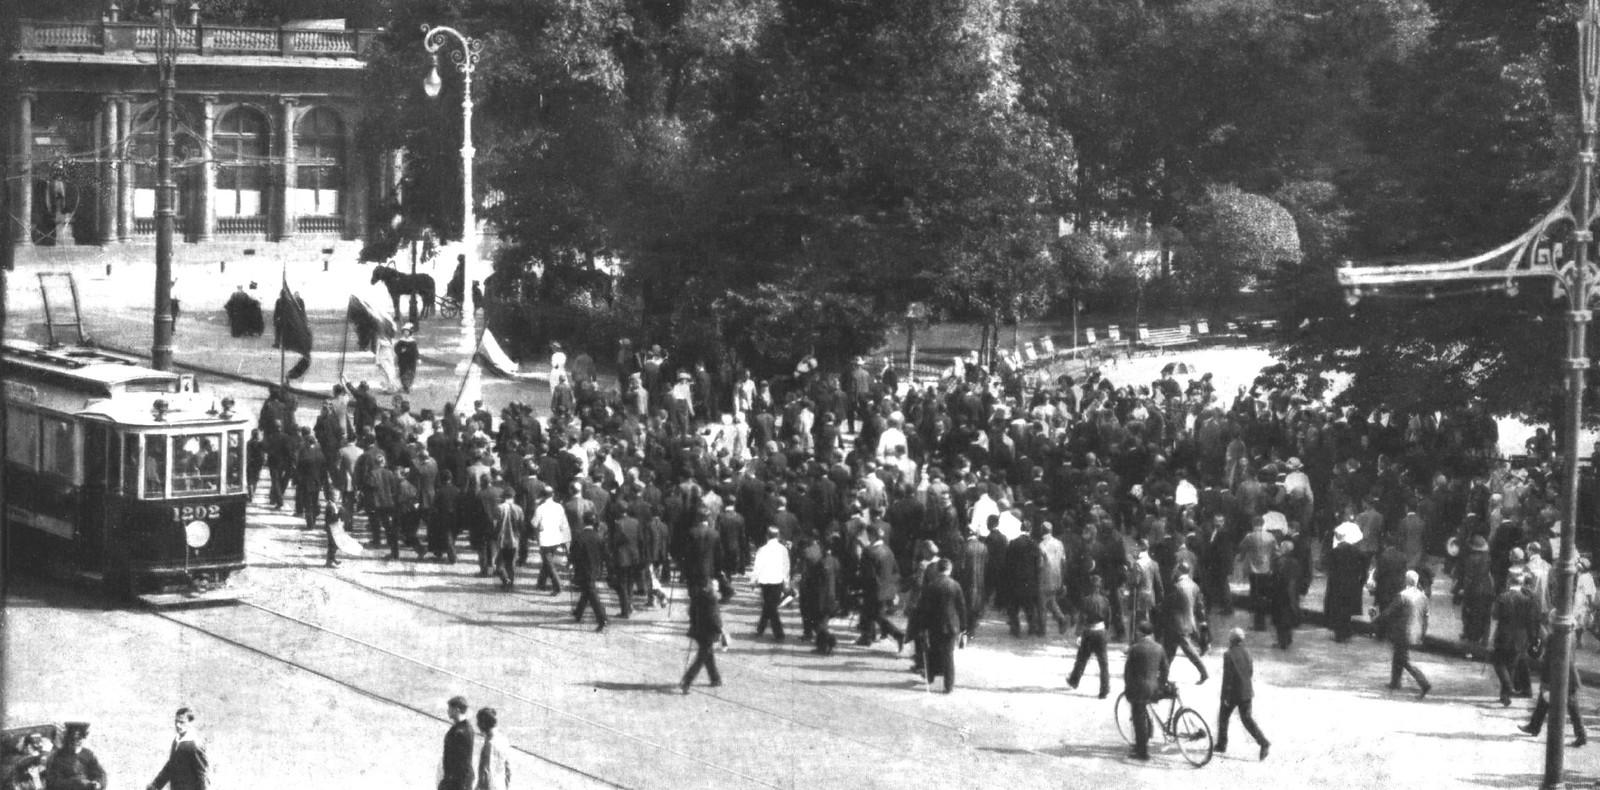 1914. Уличные патриотические манифестации на Невском проспекте